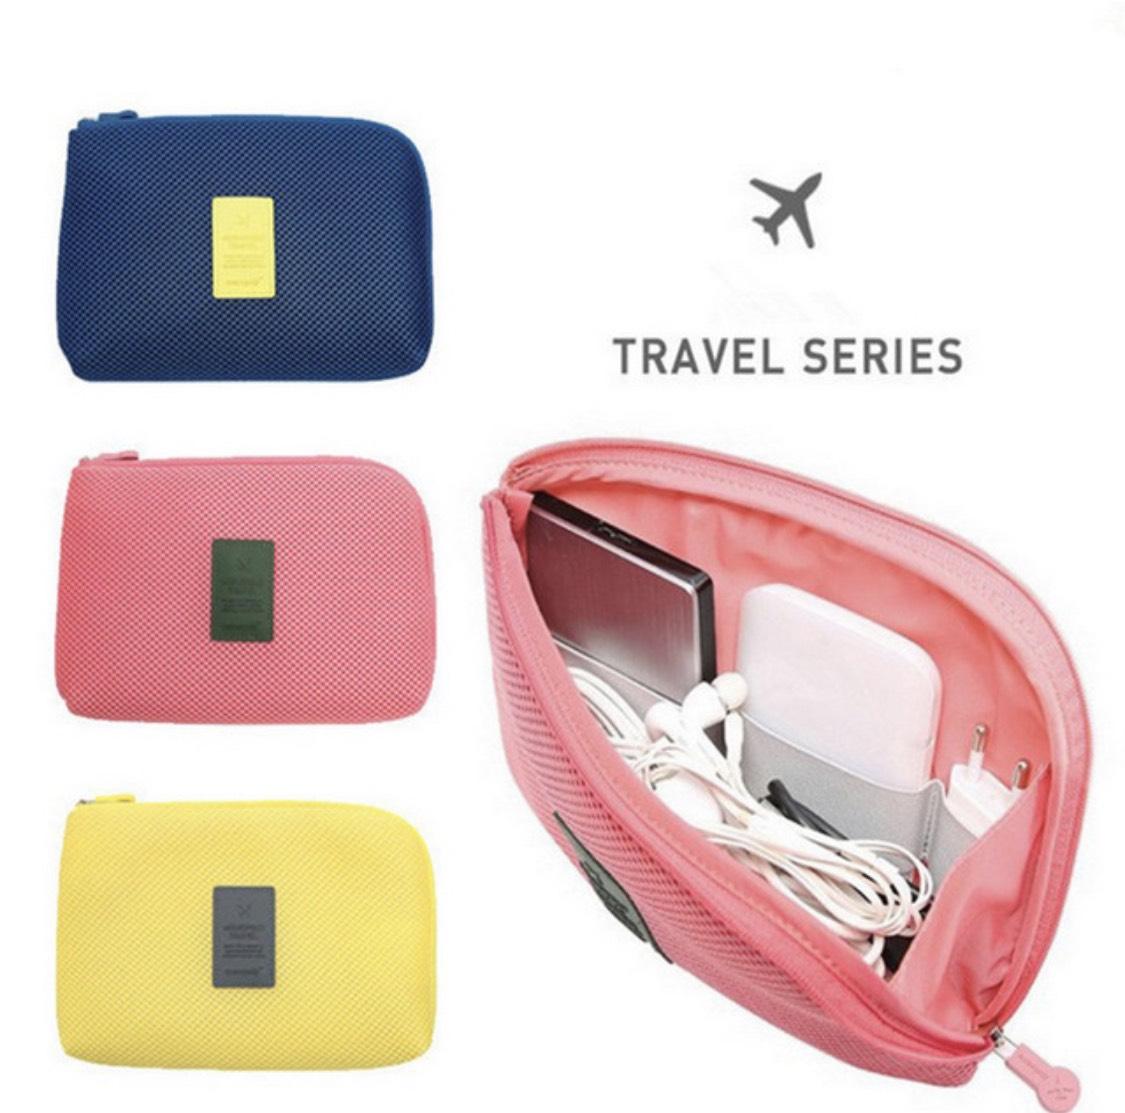 Túi du lịch chống sốc đa năng